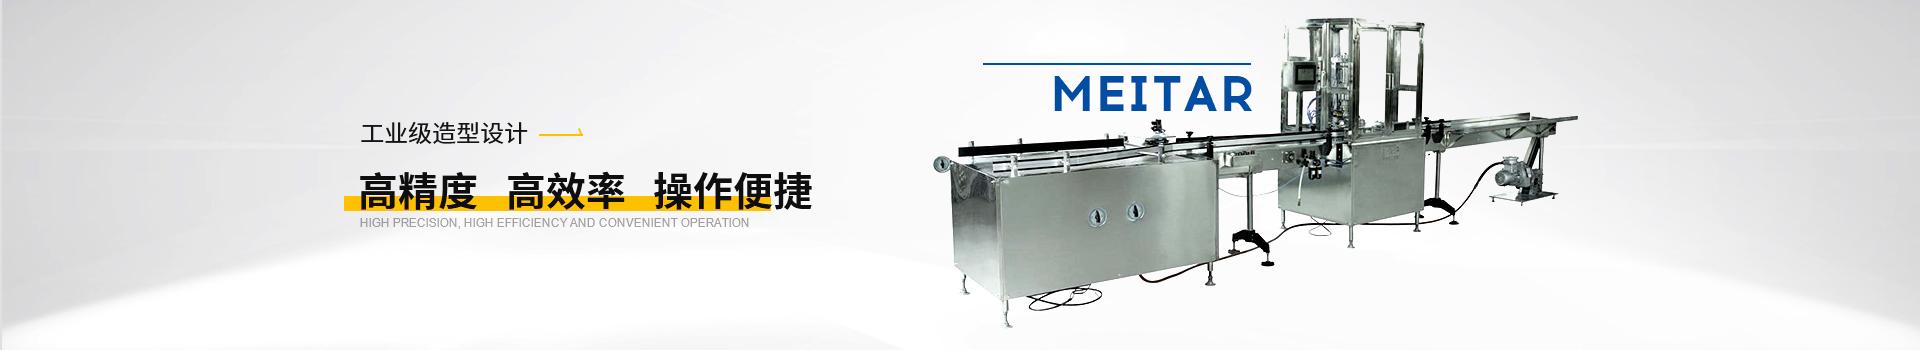 美达工业级造型设计 高精度 高效率 操作便捷